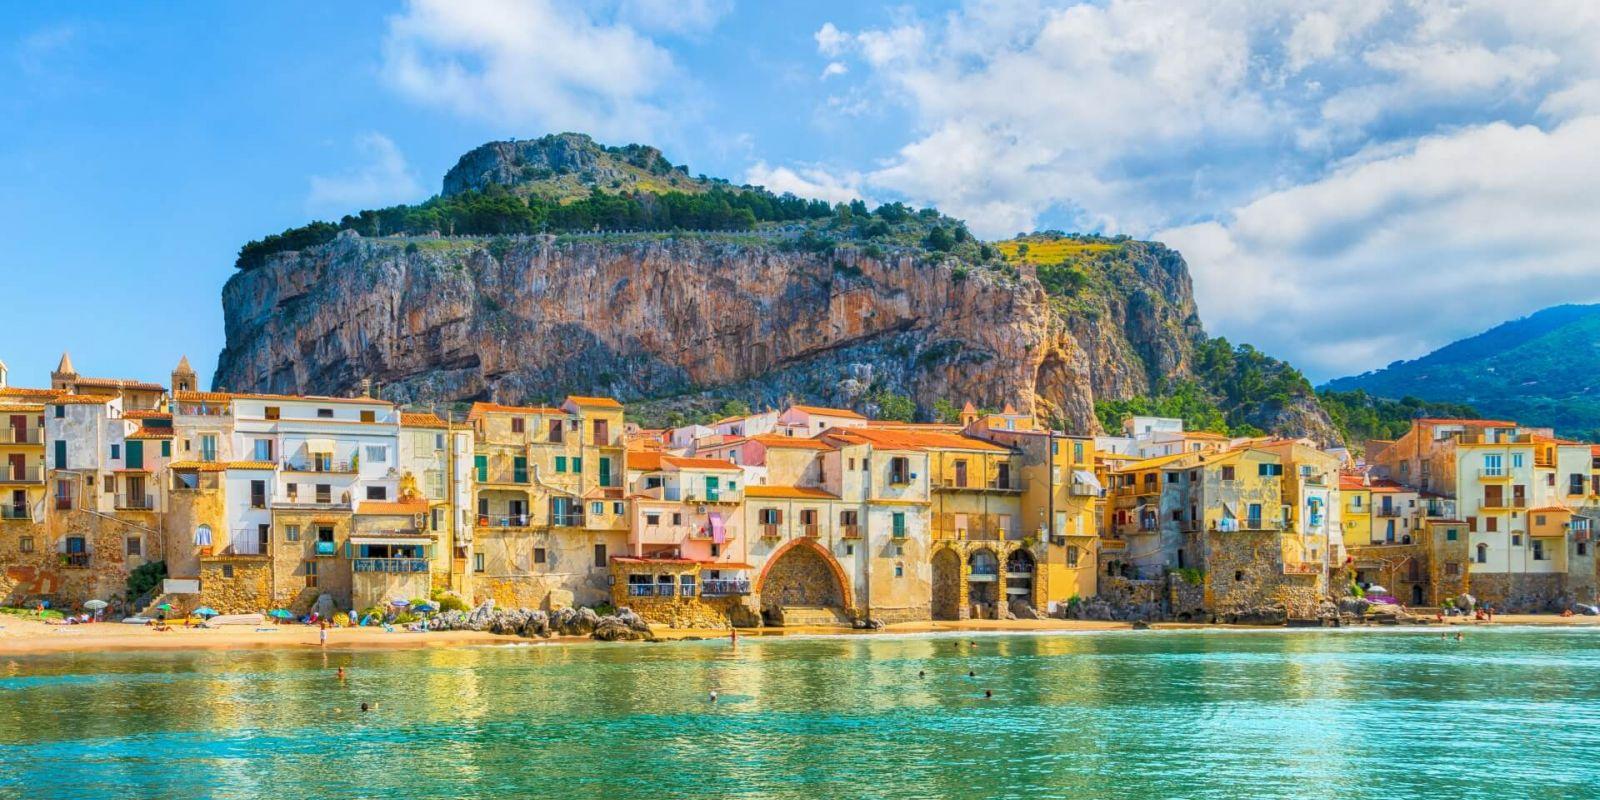 https://www.talamare.fr/medias/Le village médiéval de Cefalu vu lors d'une location de yacht en Sicile